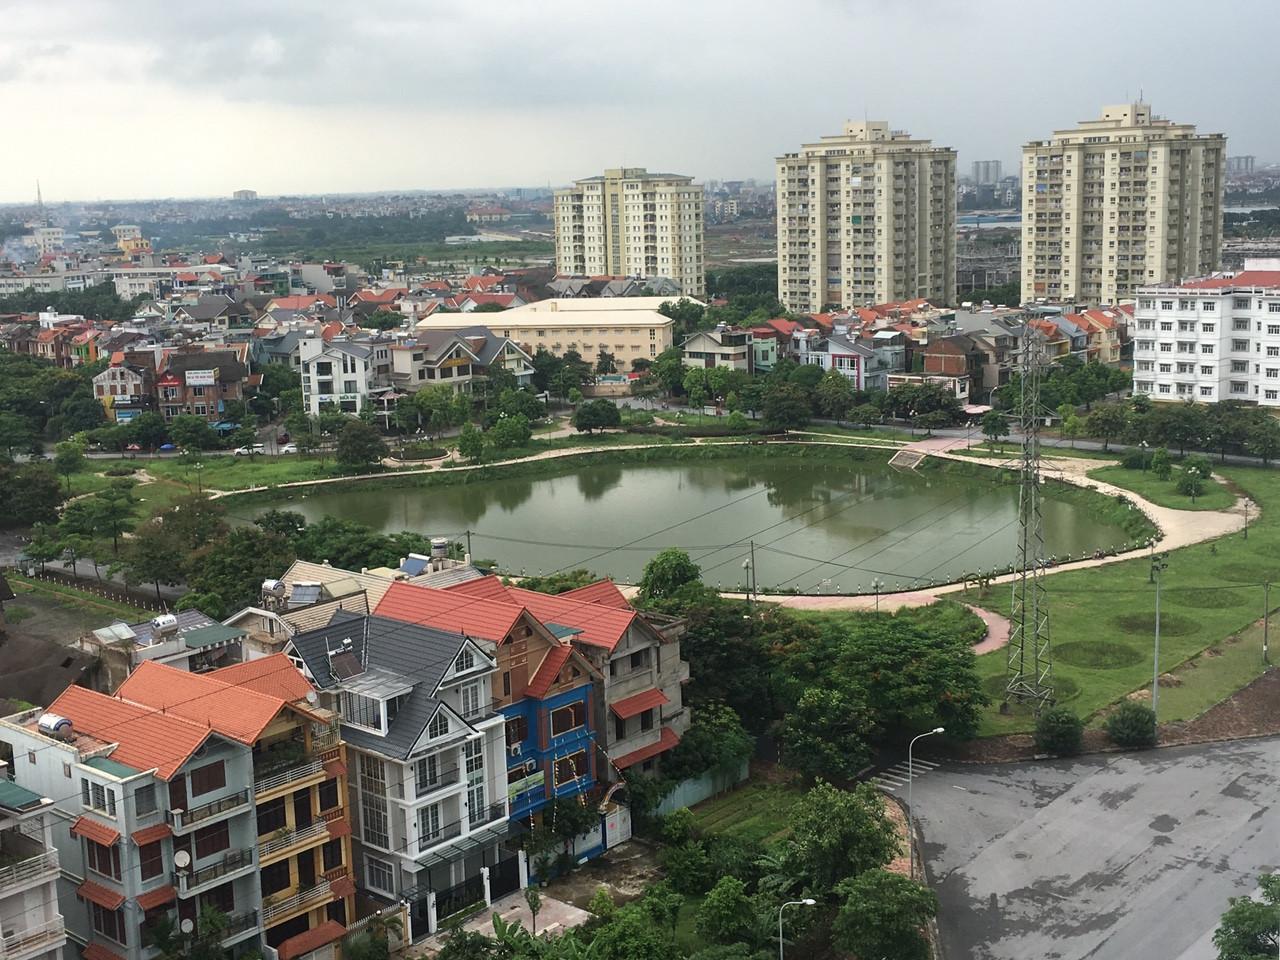 Chung cư Hà Nội dưới 2 tỷ đồng